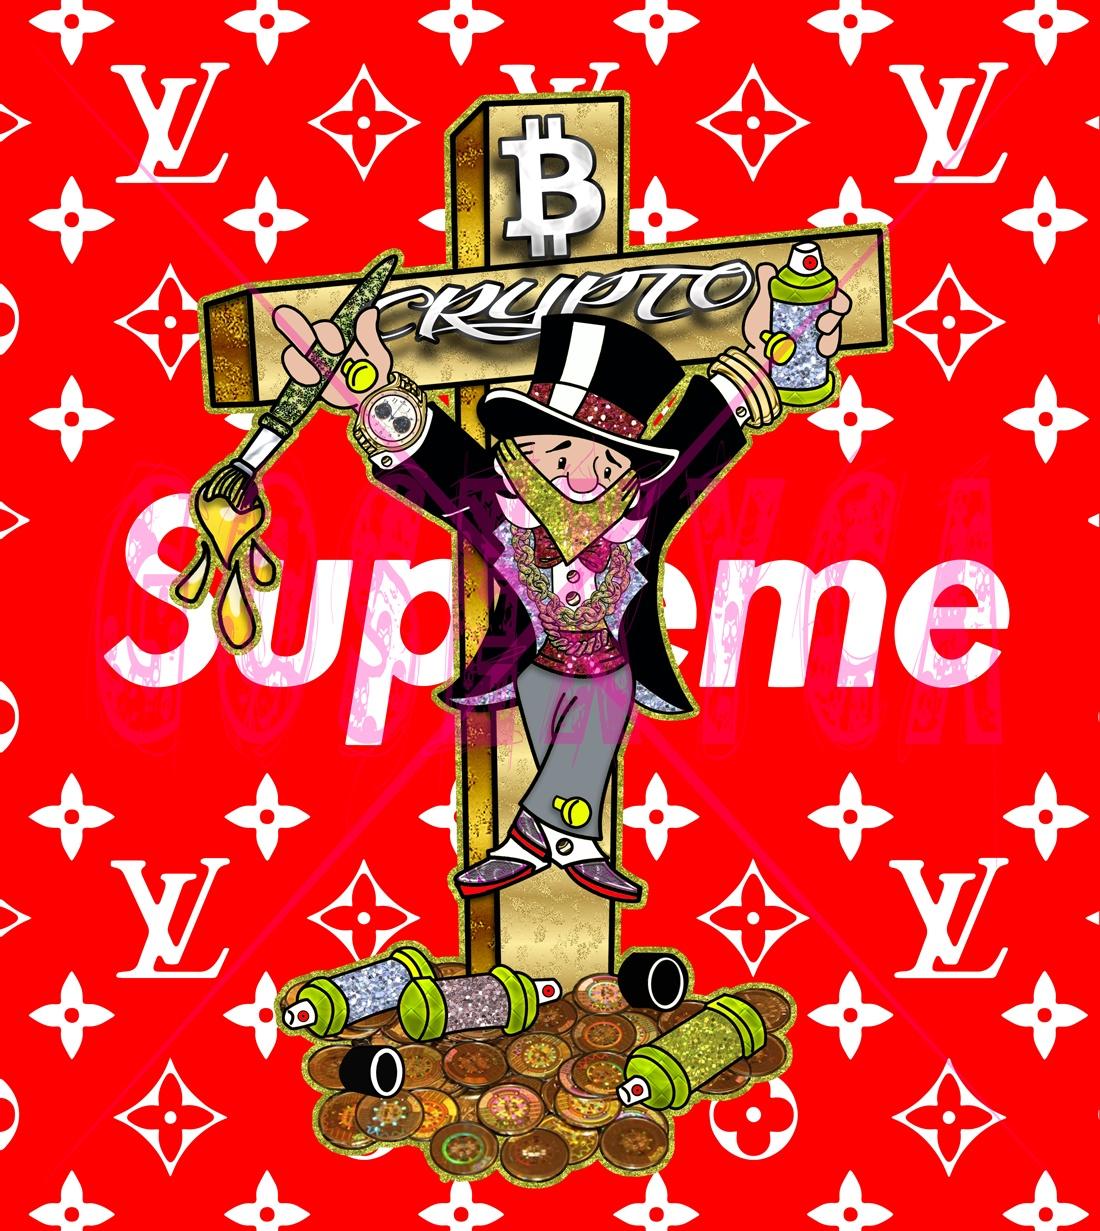 https://0901.nccdn.net/4_2/000/000/00f/745/red-lv-bitcoin-gosexyca-1100x1231.jpg